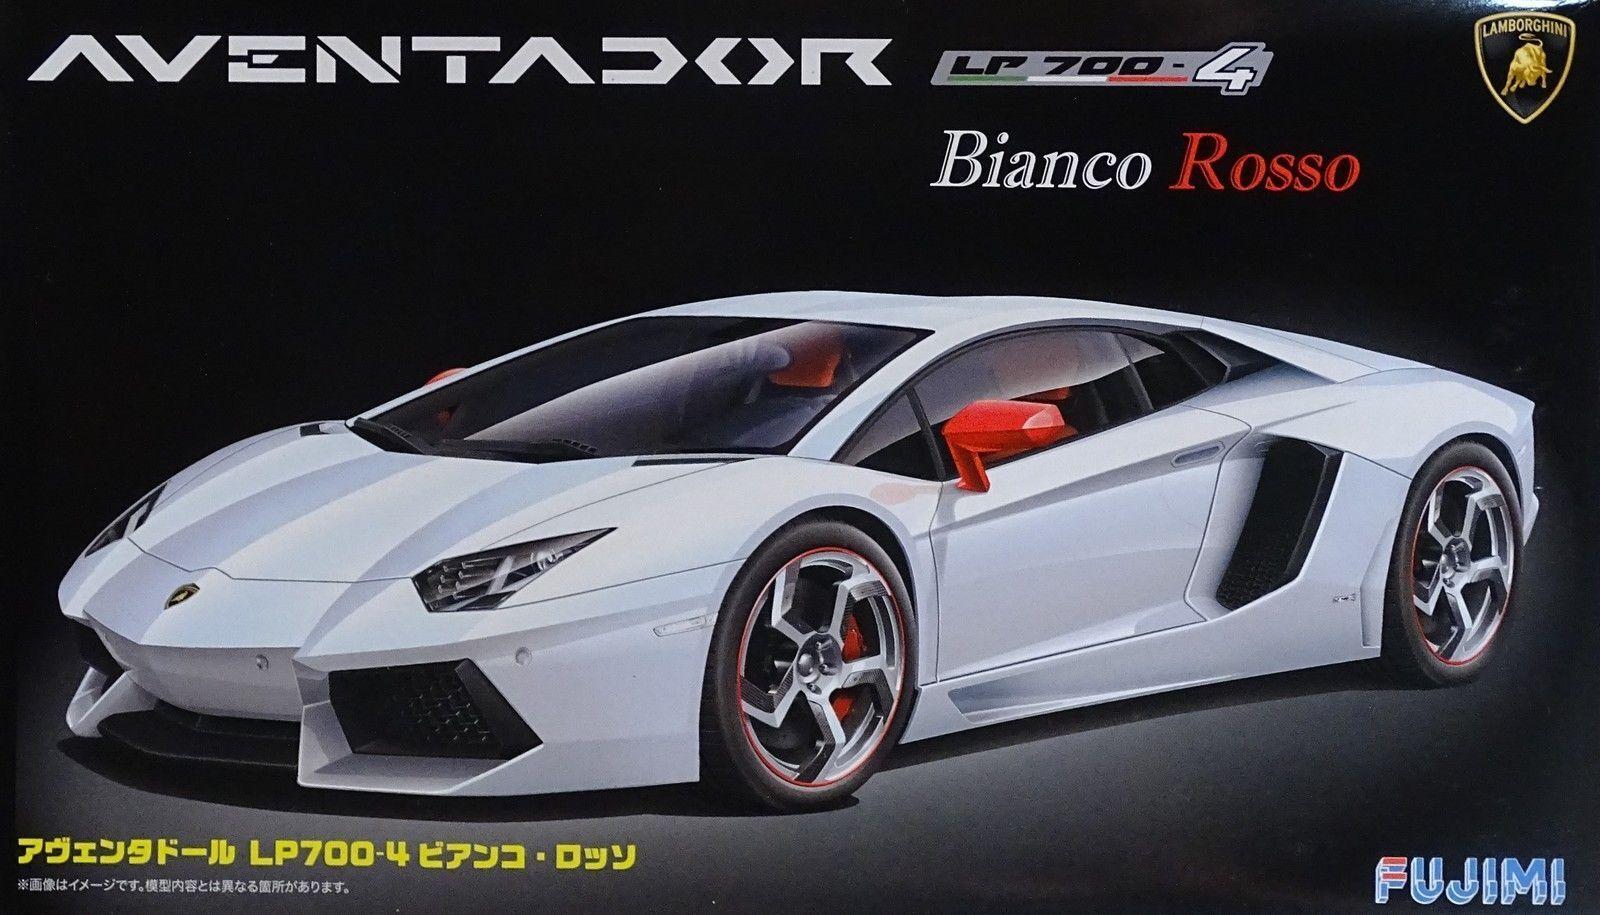 FUJIMI LAMBORGHINI AVENTADOR LP700-4 BIANCO BIANCO BIANCO ROSSO Scala 1/24 Cod.12564 2e0a59